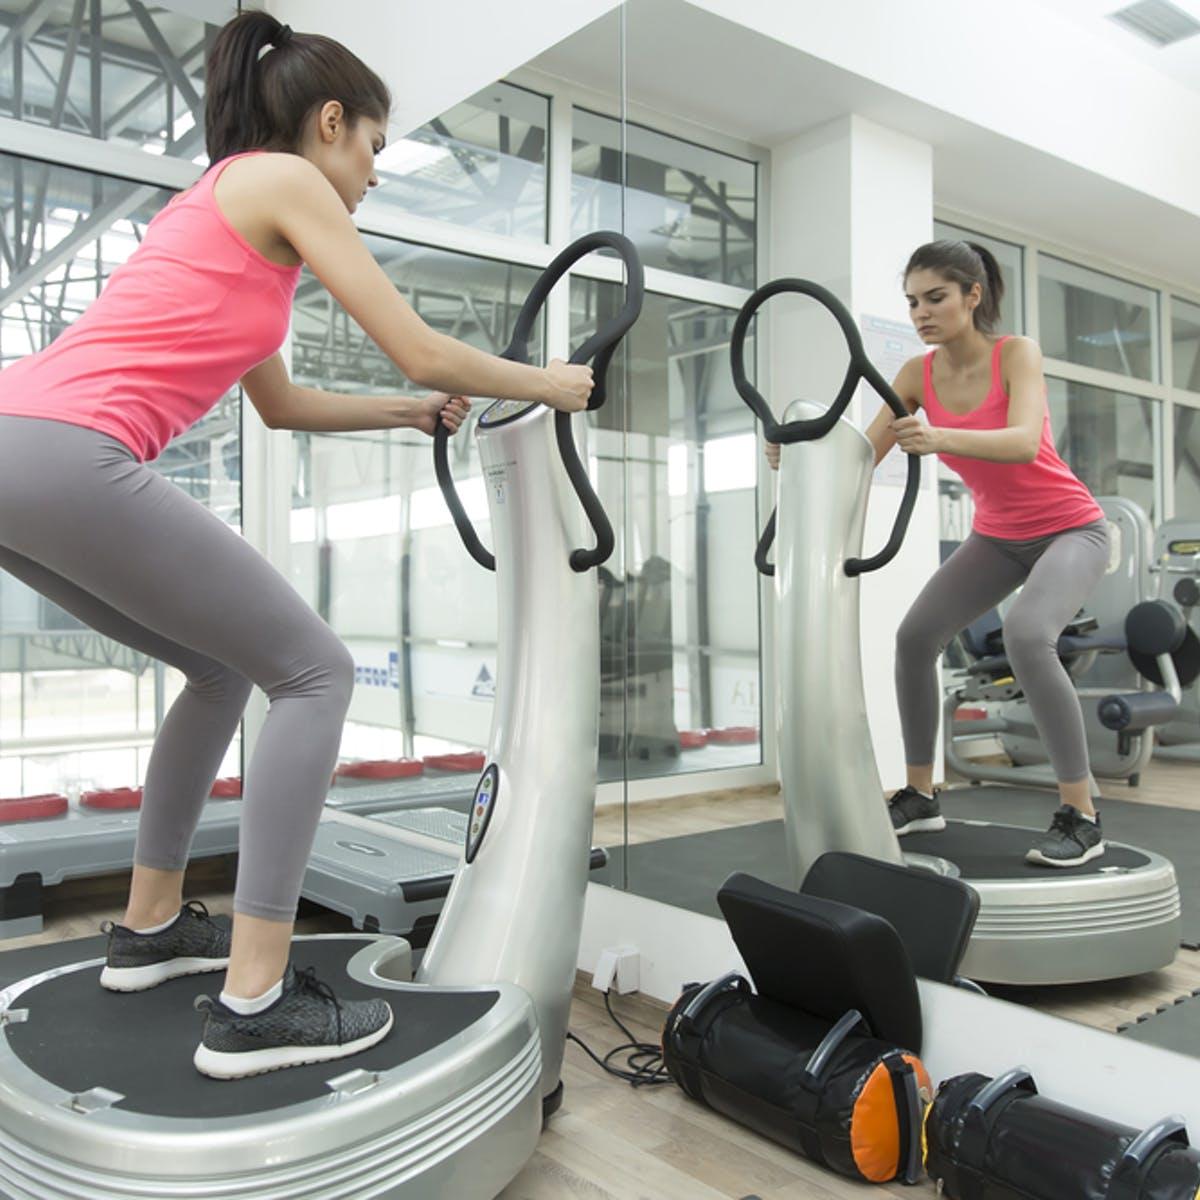 Whole Body Vibration Machine vs. Physical Exercise